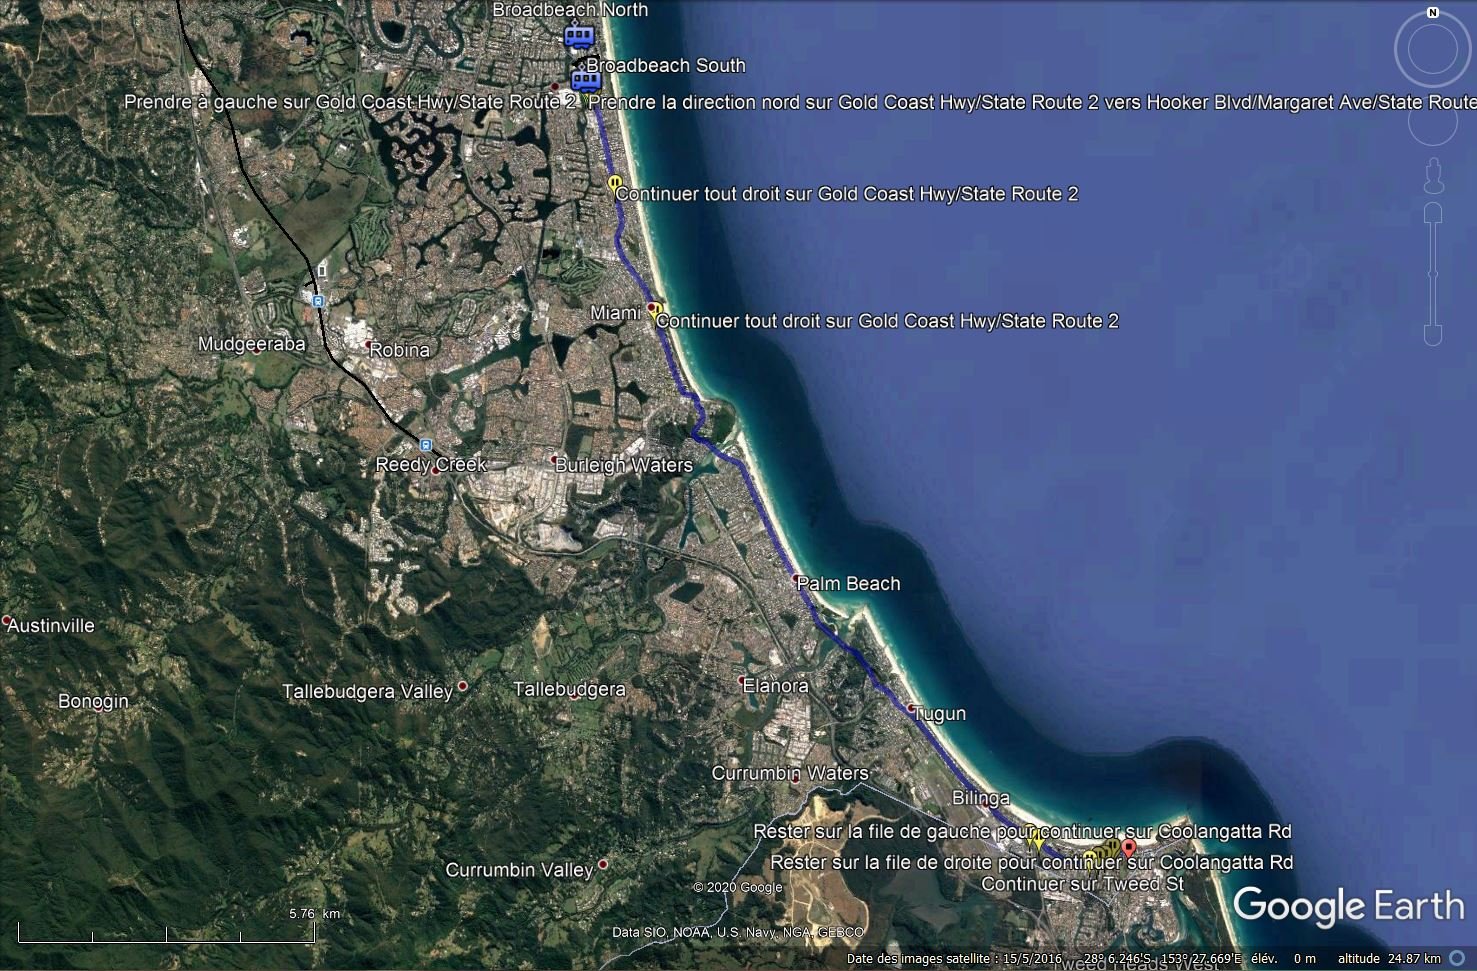 RideTheG - Le direct pour les plages de la Gold Coast - Page 3 Tsge1522